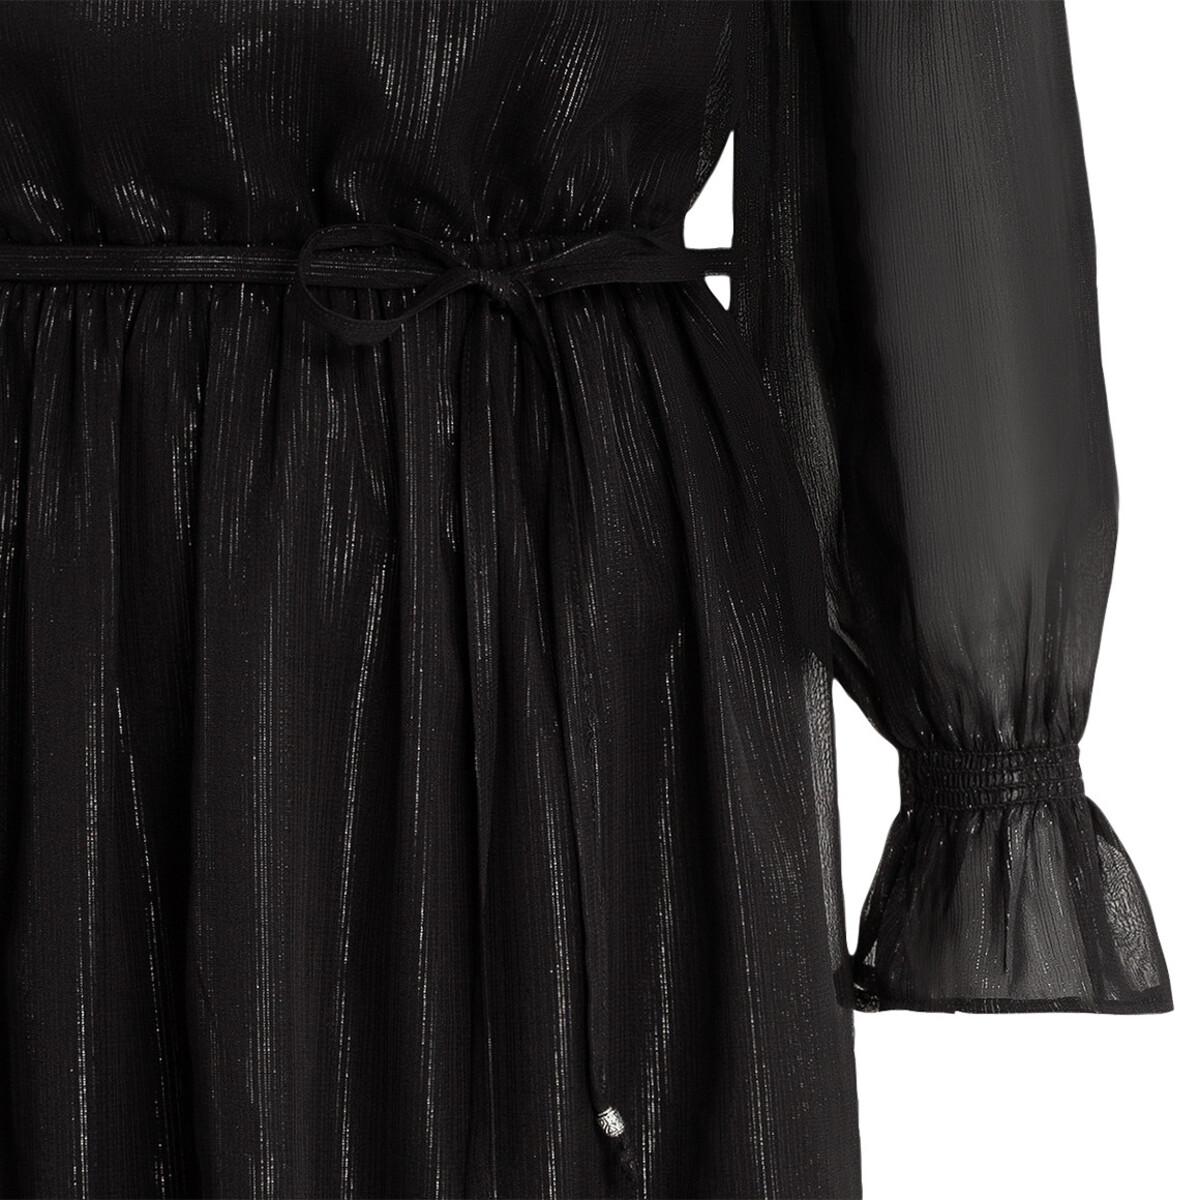 Bild 3 von Damen Kleid mit Effektgarn